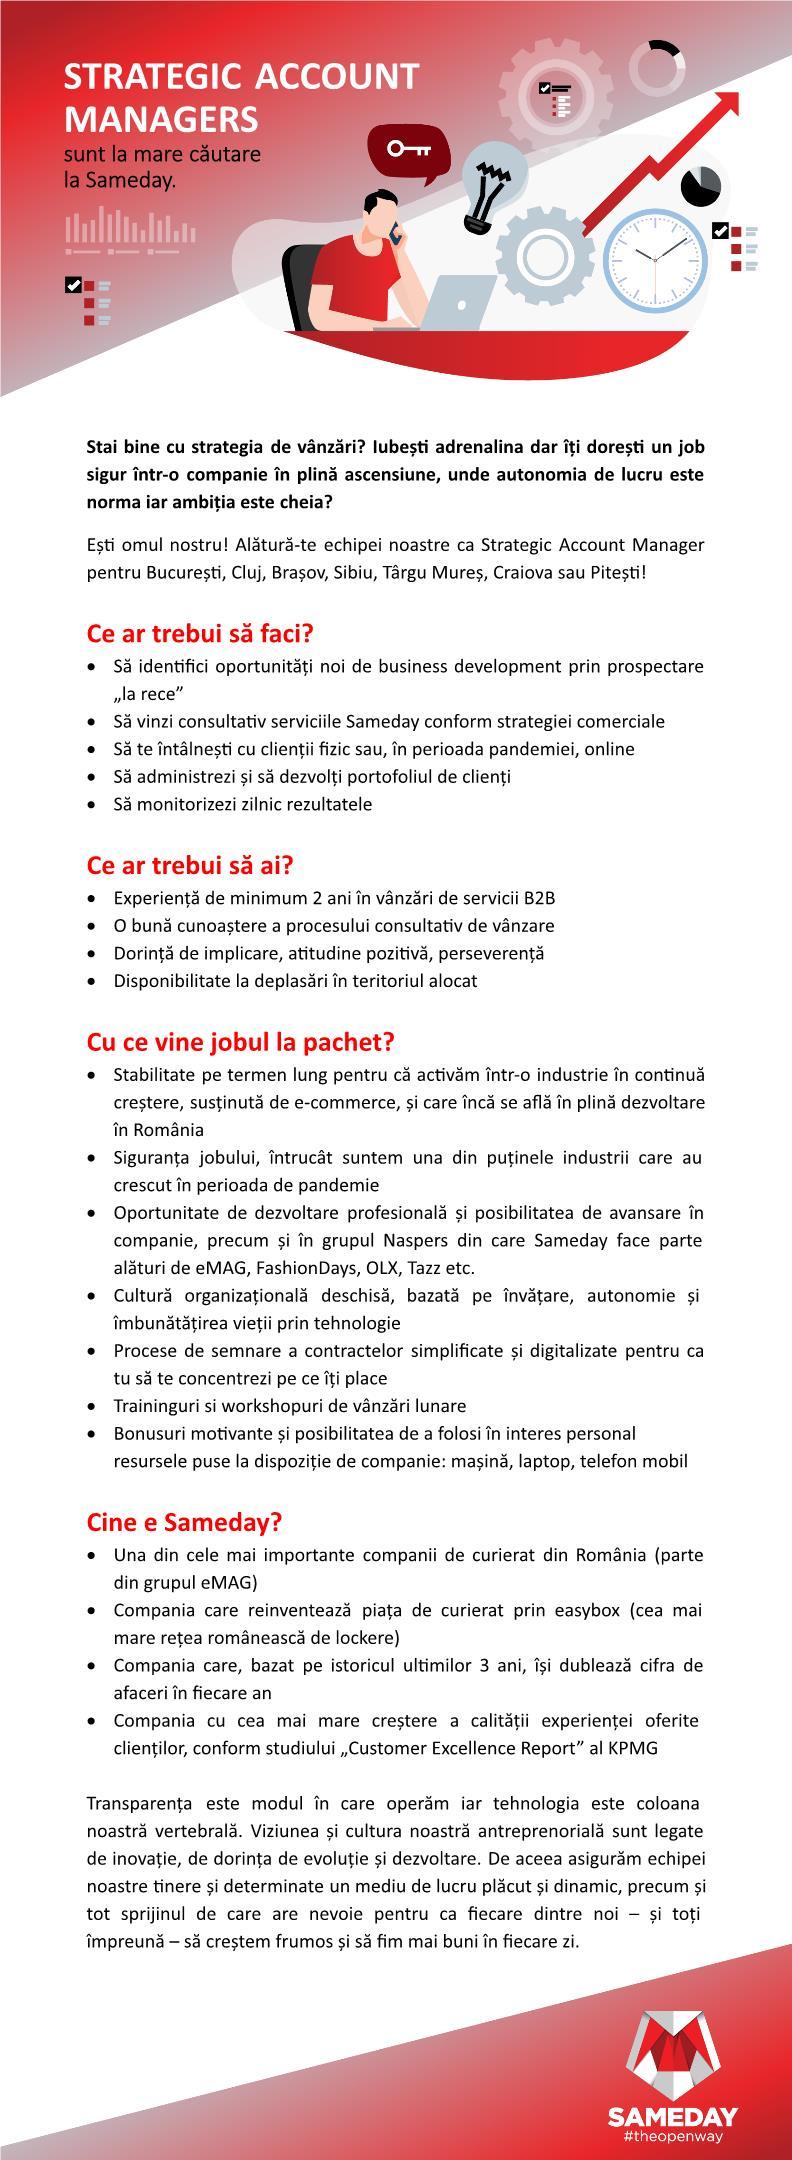 STRATEGIC ACCOUNT MANAGER STRATEGIC ACCOUNT MANAGER Cine e Sameday?Ce facem noi? Oferim servicii de curierat de calitate și construim cea mai mare rețea de lockere la nivel național. În prezent, expedierile Sameday sunt procesate în cele două Hub-uri logistice de lângă Chitila și Sibiu.Am intrat pe piața de curierat în 2007, iar acum suntem unul dintre principalii jucători din piața românească. Investind masiv în tehnologie, am devenit una dintre companiile de încredere cu cea mai accelerată creștere. Fiecare experiență prin care trecem este un prilej pentru a învăța cum să devenim mai buni și, pentru că ne dorim să creștem alături de clienții noștri, am deschis drumul transparenței în curierat.Viziunea și cultura noastră antreprenorială este legată de inovație, de dorința de evoluție și dezvoltare. De aceea asigurăm echipei noastre tinere și determinate un mediu de lucru plăcut și dinamic, precum și tot sprijinul de care are nevoie pentru ca fiecare dintre noi – și toți împreună – să creștem frumos, să fim mai buni în fiecare zi.Dacă valorile și misiunea Sameday sunt apropiate de ale tale și ai încredere că poți pune umărul la realizarea lor, te așteptam în echipa noastră. ________________________________________________________________________________Who is Sameday?What do we do? We offer quality delivery services and we build the greatest national locker network. Currently, Sameday shipments are processed in our two logistic Hubs near Chitila and Sibiu.We entered the deliveries field in 2007, and now we are one of the main players on the Romanian market. By massively investing in technology, we have become one of the most trusted companies with the highest accelerated growth. Each experience we go through is a chance for us to learn how to improve ourselves and, as we wish to grow alongside our clients, we've opened the road of transparency in deliveries.Our entrepreneurial view and culture are strongly tied to innovation, to the desire to evolve and develop. Tha